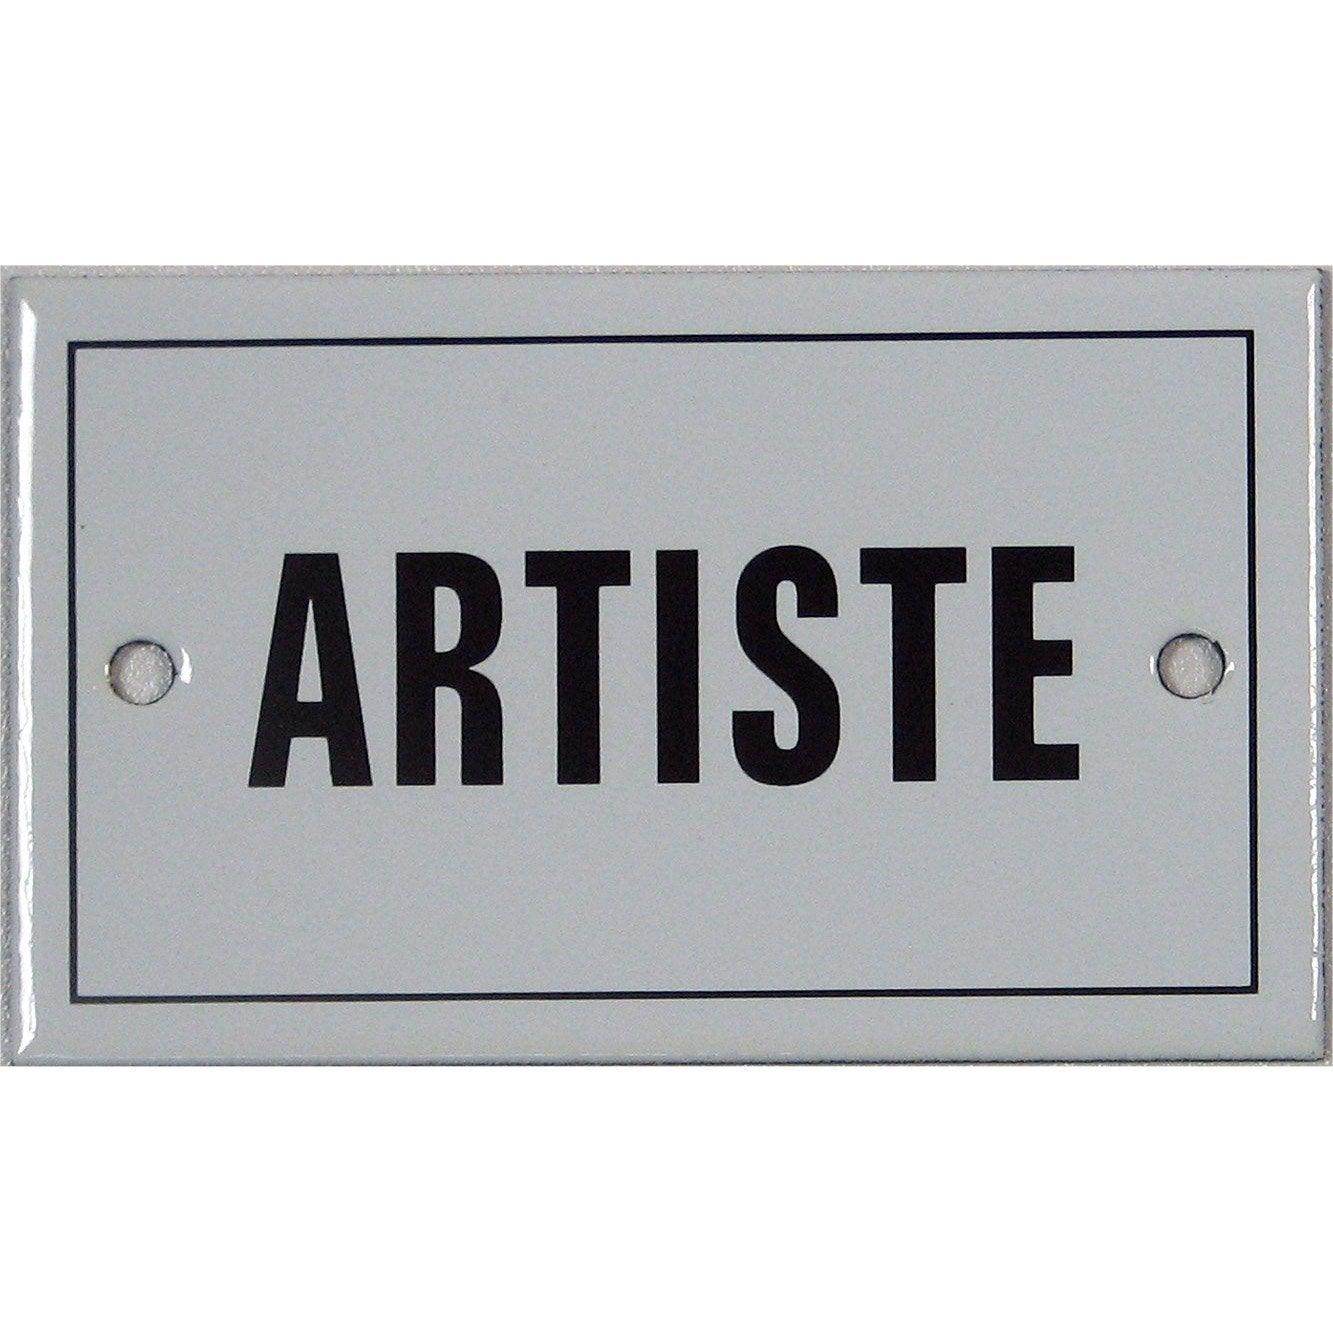 Plaque maill e artiste en acier leroy merlin - Plaque en fer leroy merlin ...